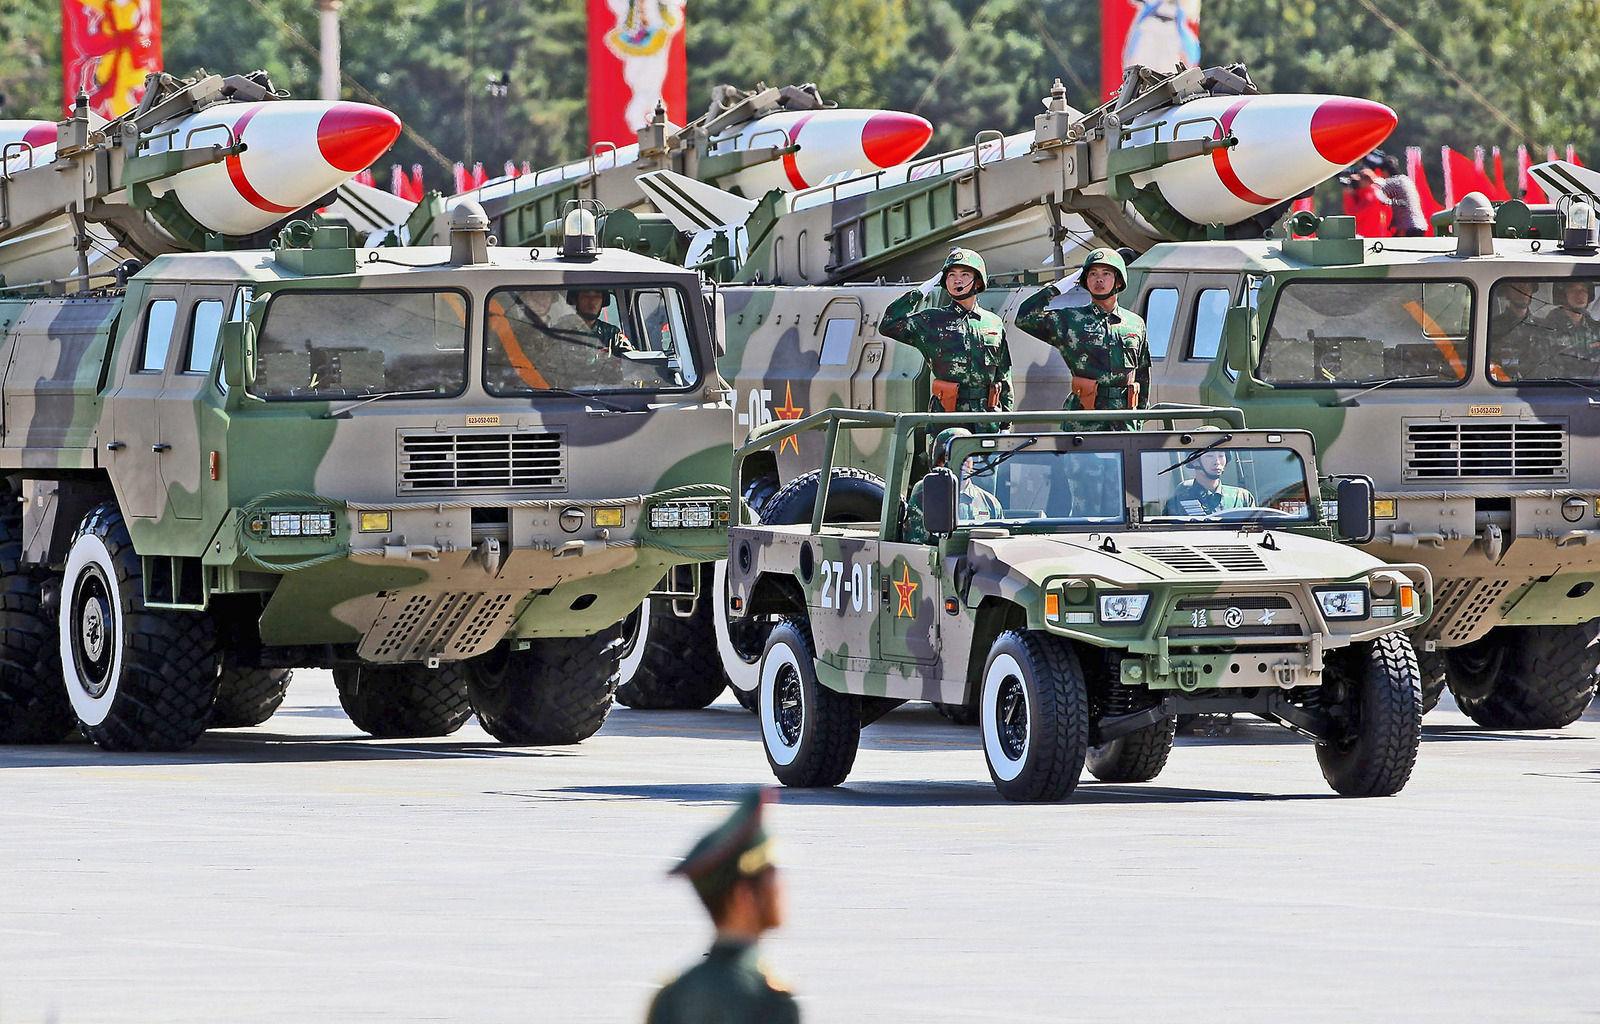 БНХАУ-ын шинээр бүтээсэн цэргийн техник, төхөөрөмжийг АНУ-ын Тагнуулын газар нэрлэв